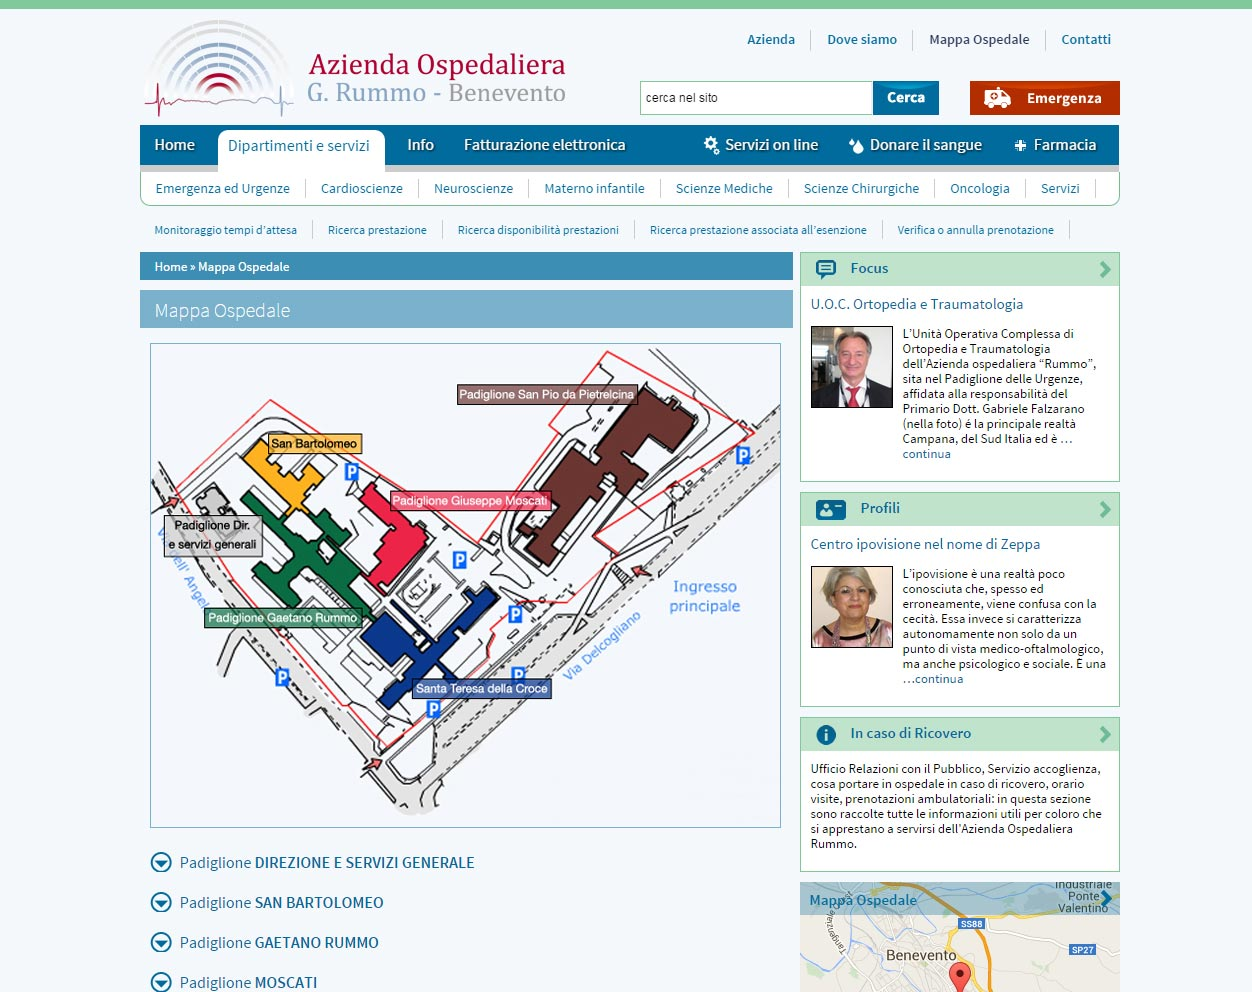 Azienda Ospedaliera Rummo, servizi medici accessibili